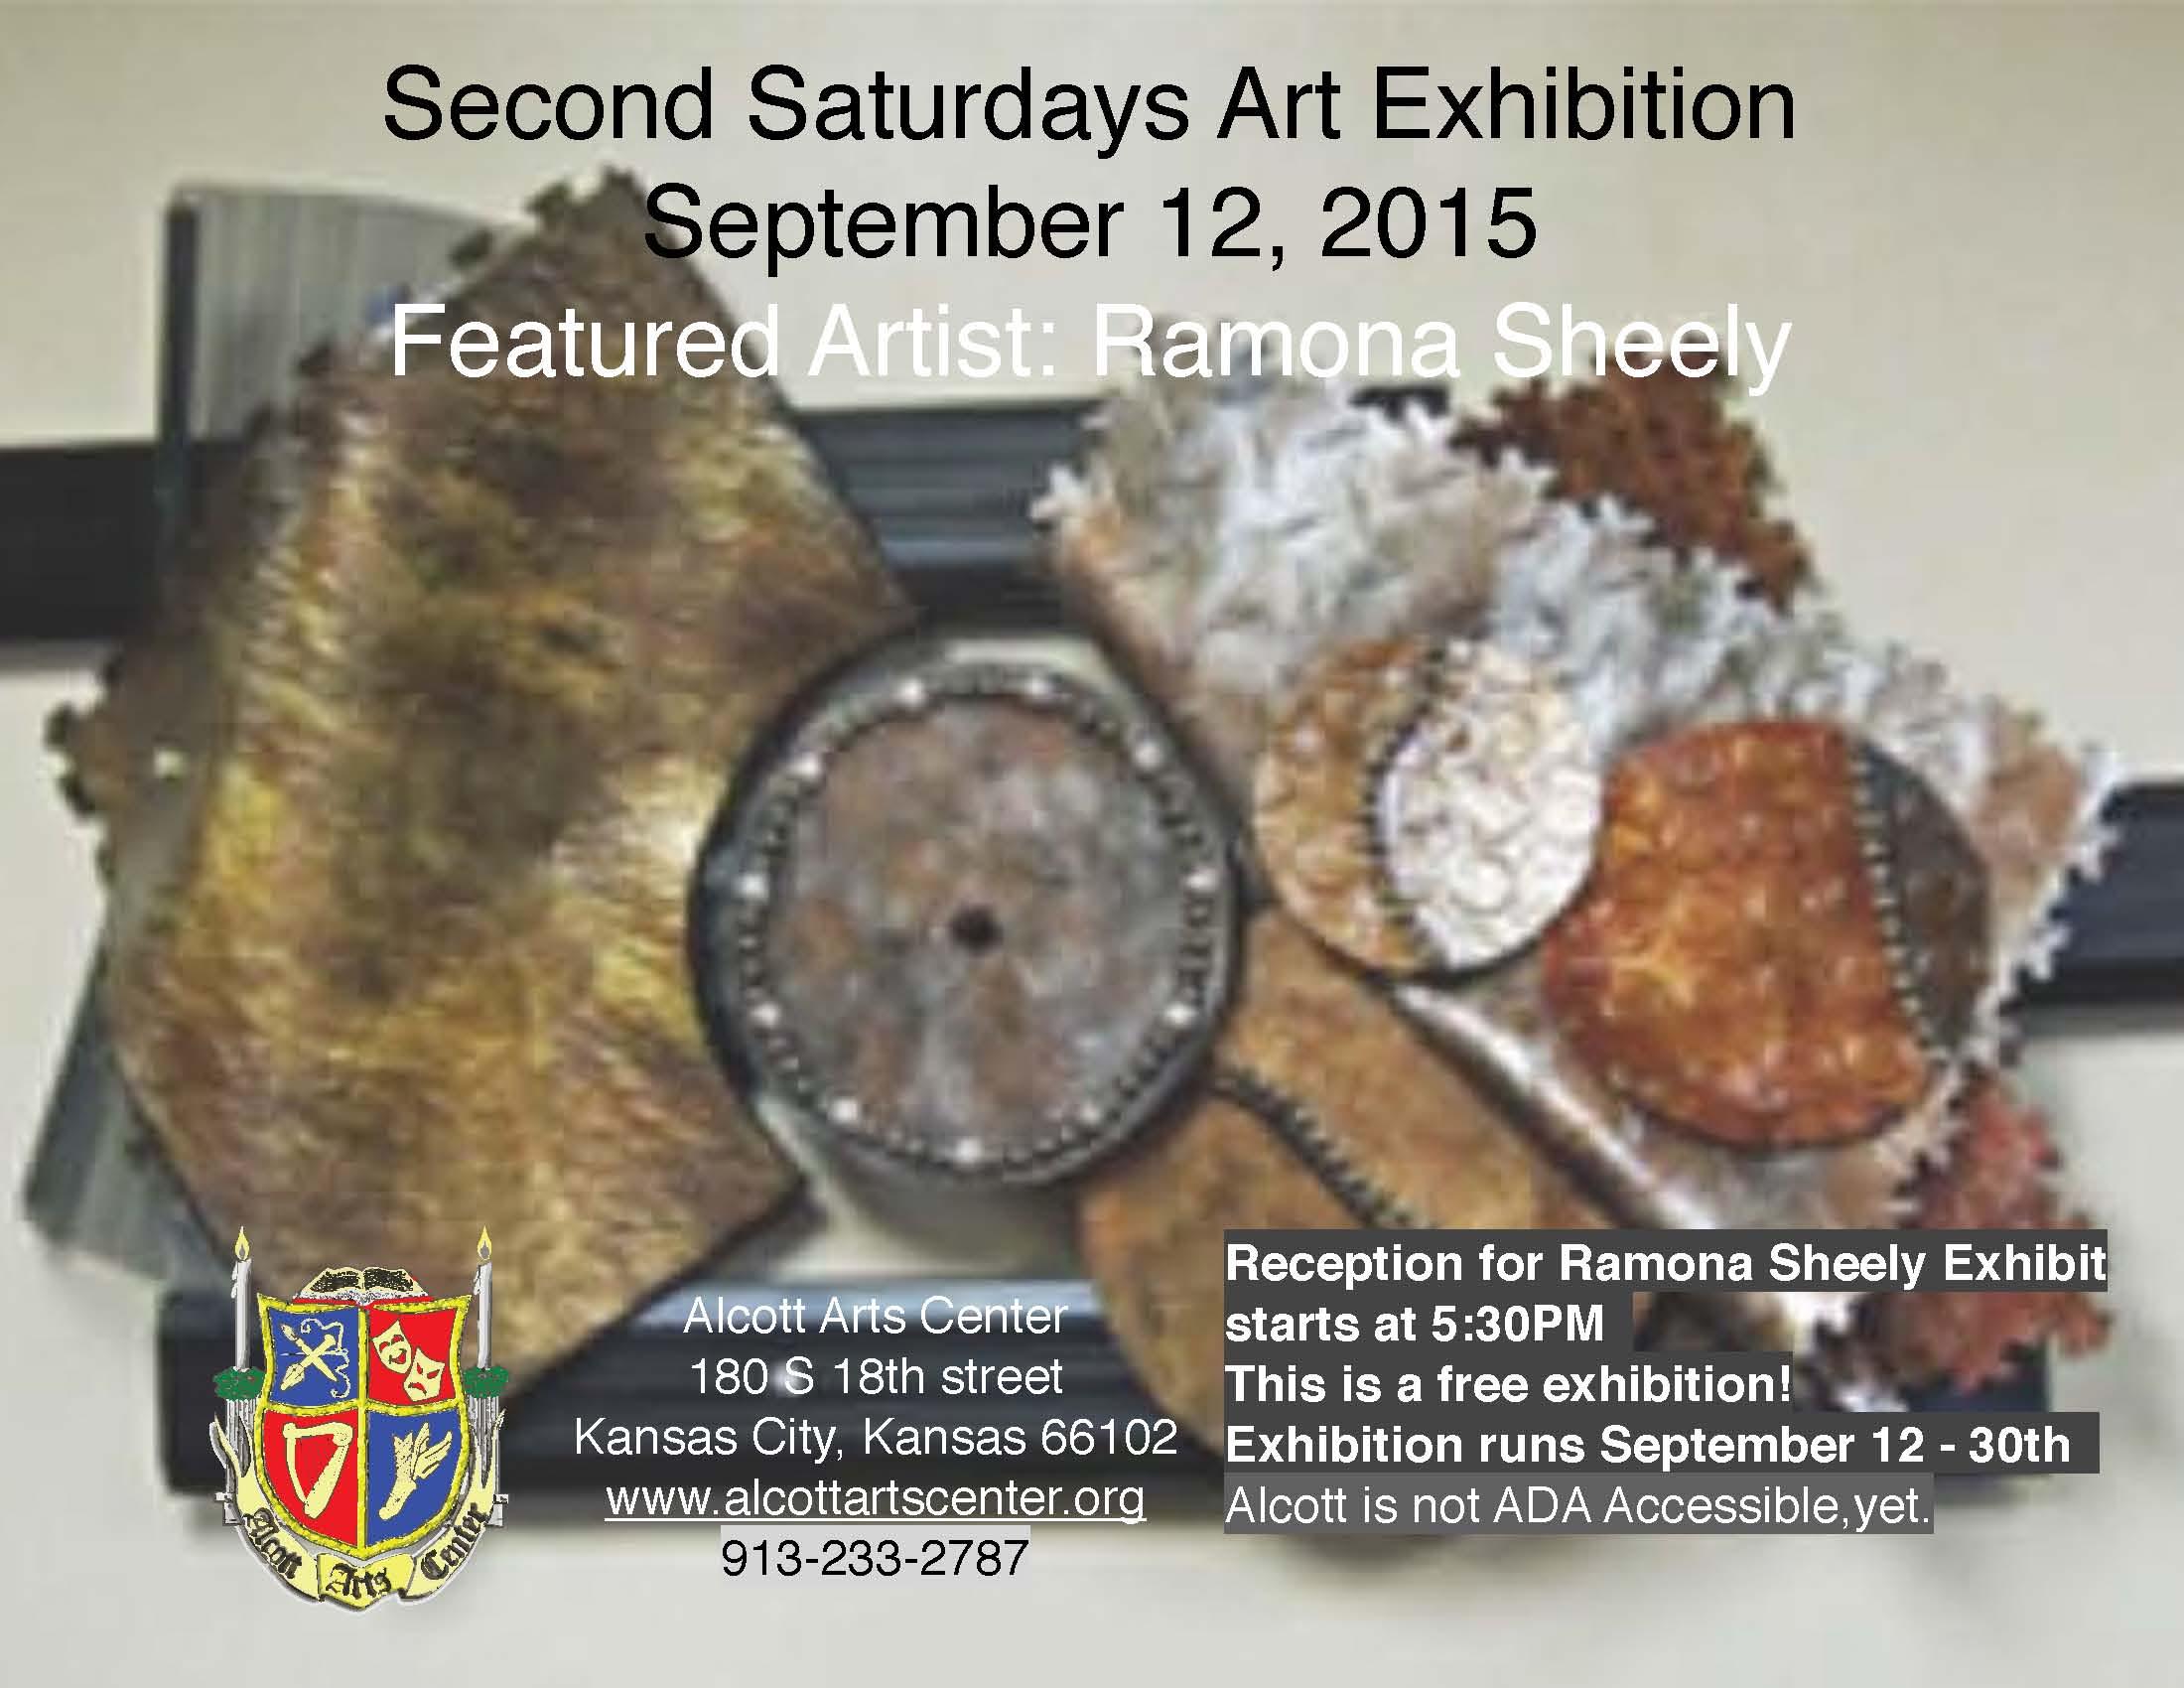 Ramona Sheely Exhibit Poster 9-12-2015.jpg